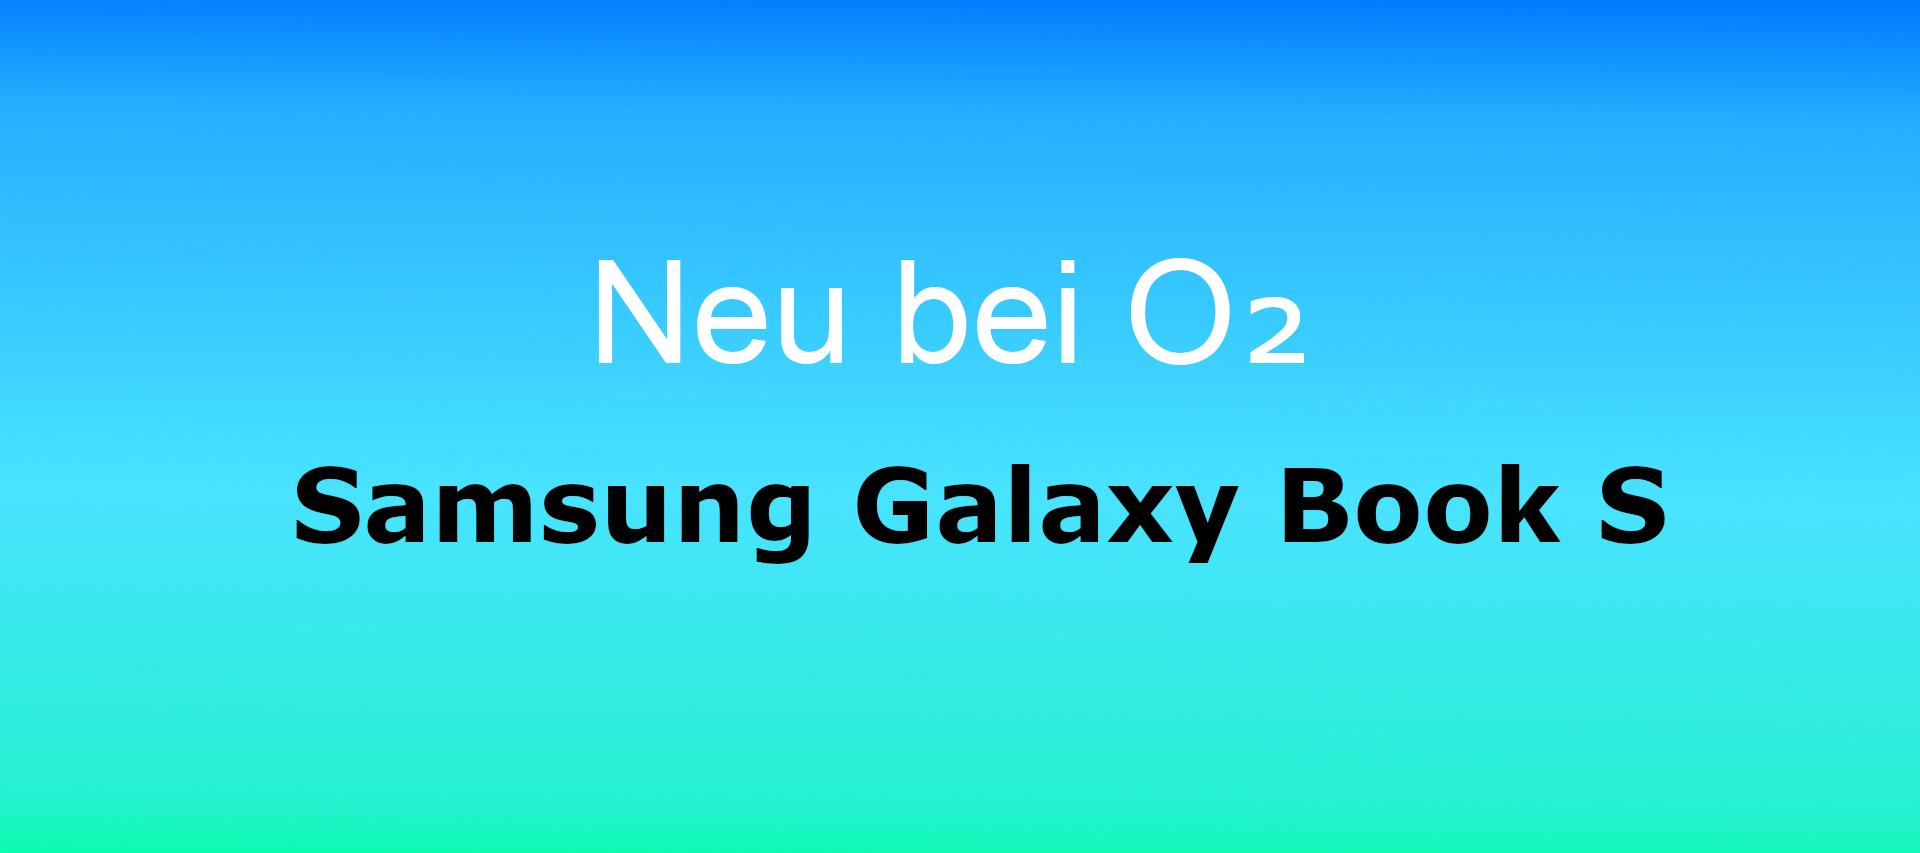 Ultraleicht - Das Samsung Galaxy Book S. Jetzt bei o2!